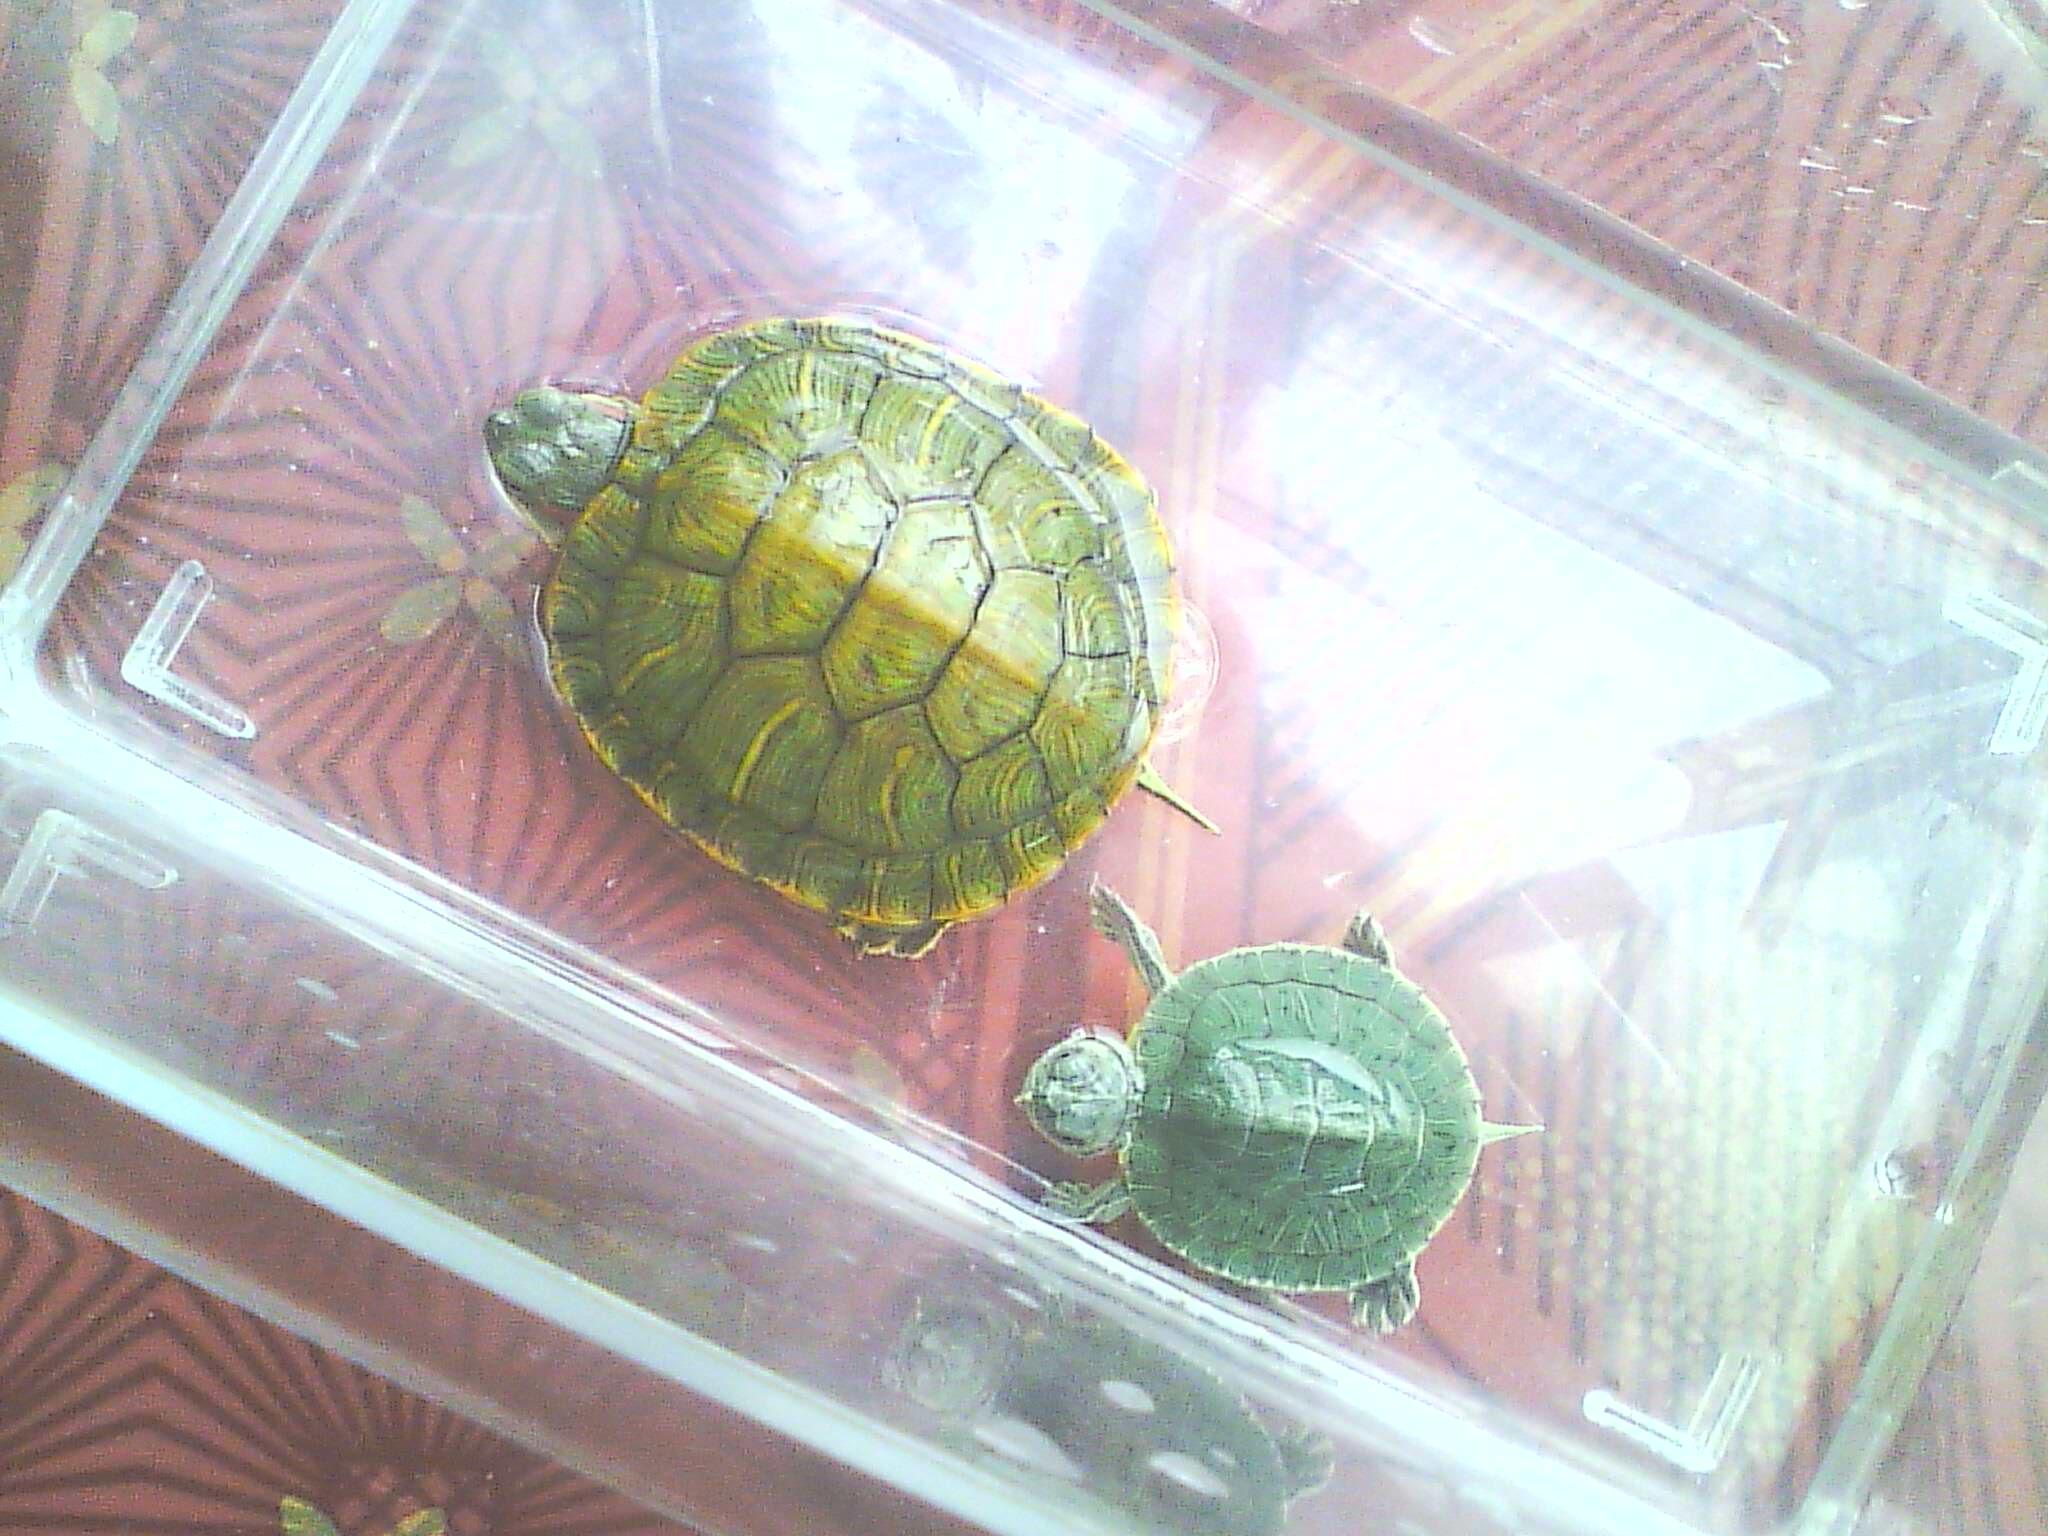 乌龟的饲养方法 教你怎样正确的养乌龟